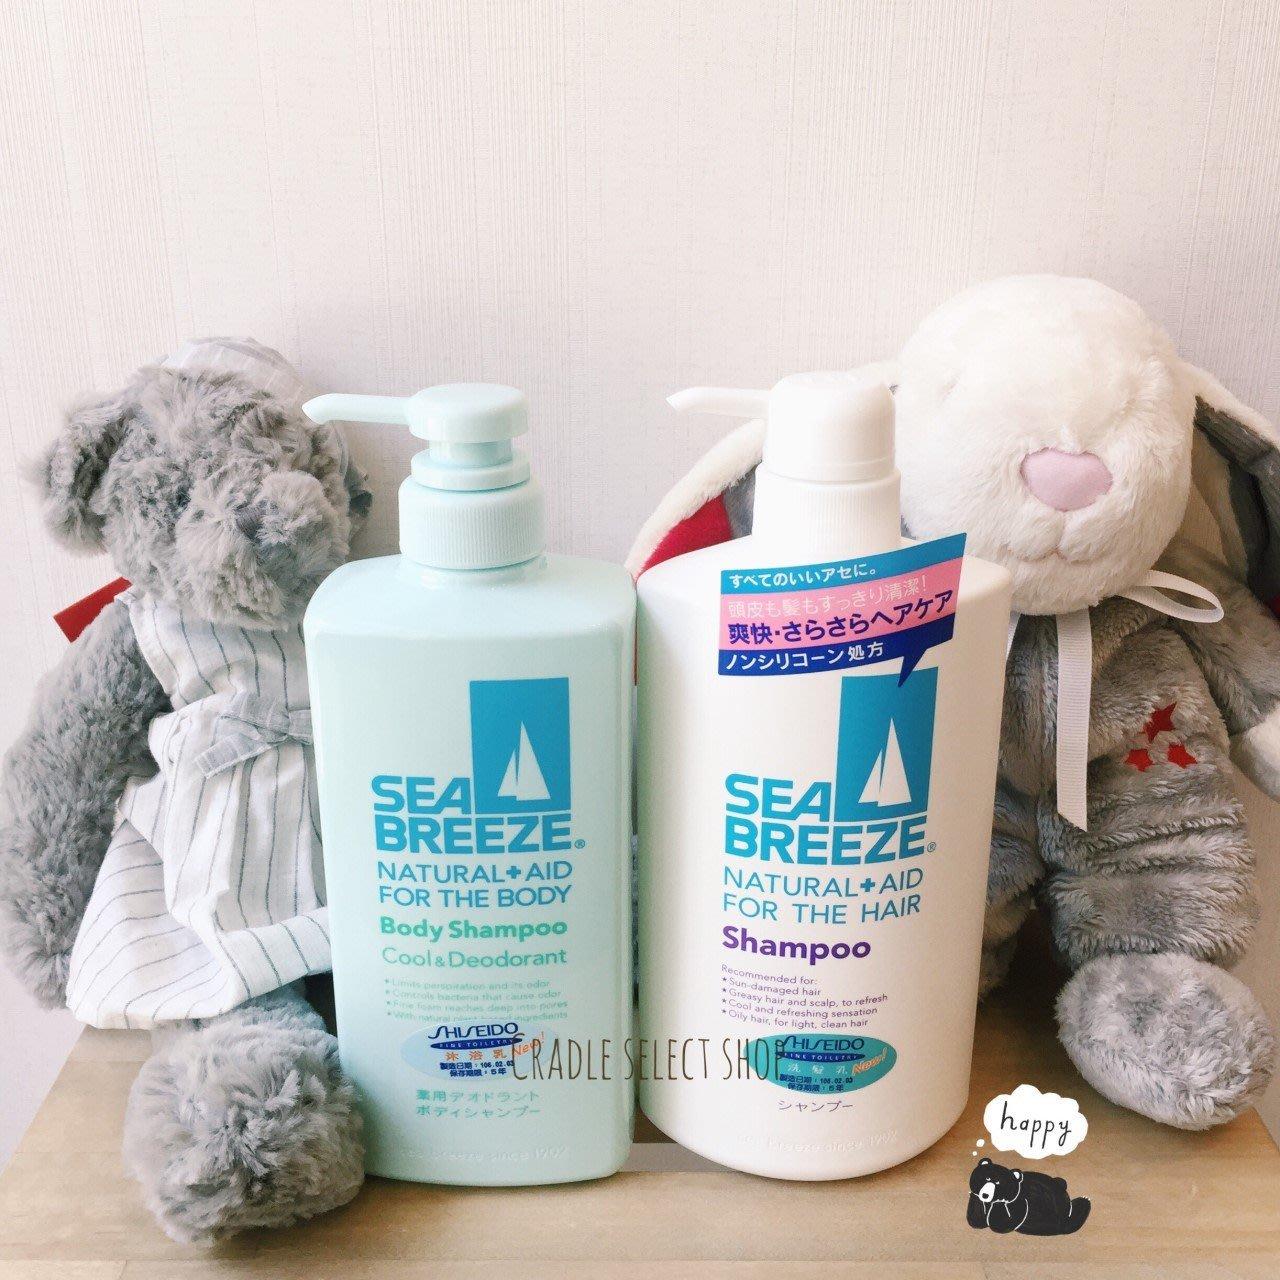 現貨 ◎日本◎ SHISEIDO SEA BREEZE 資生堂 沐浴乳+洗髮精  涼爽涼感 海洋微風